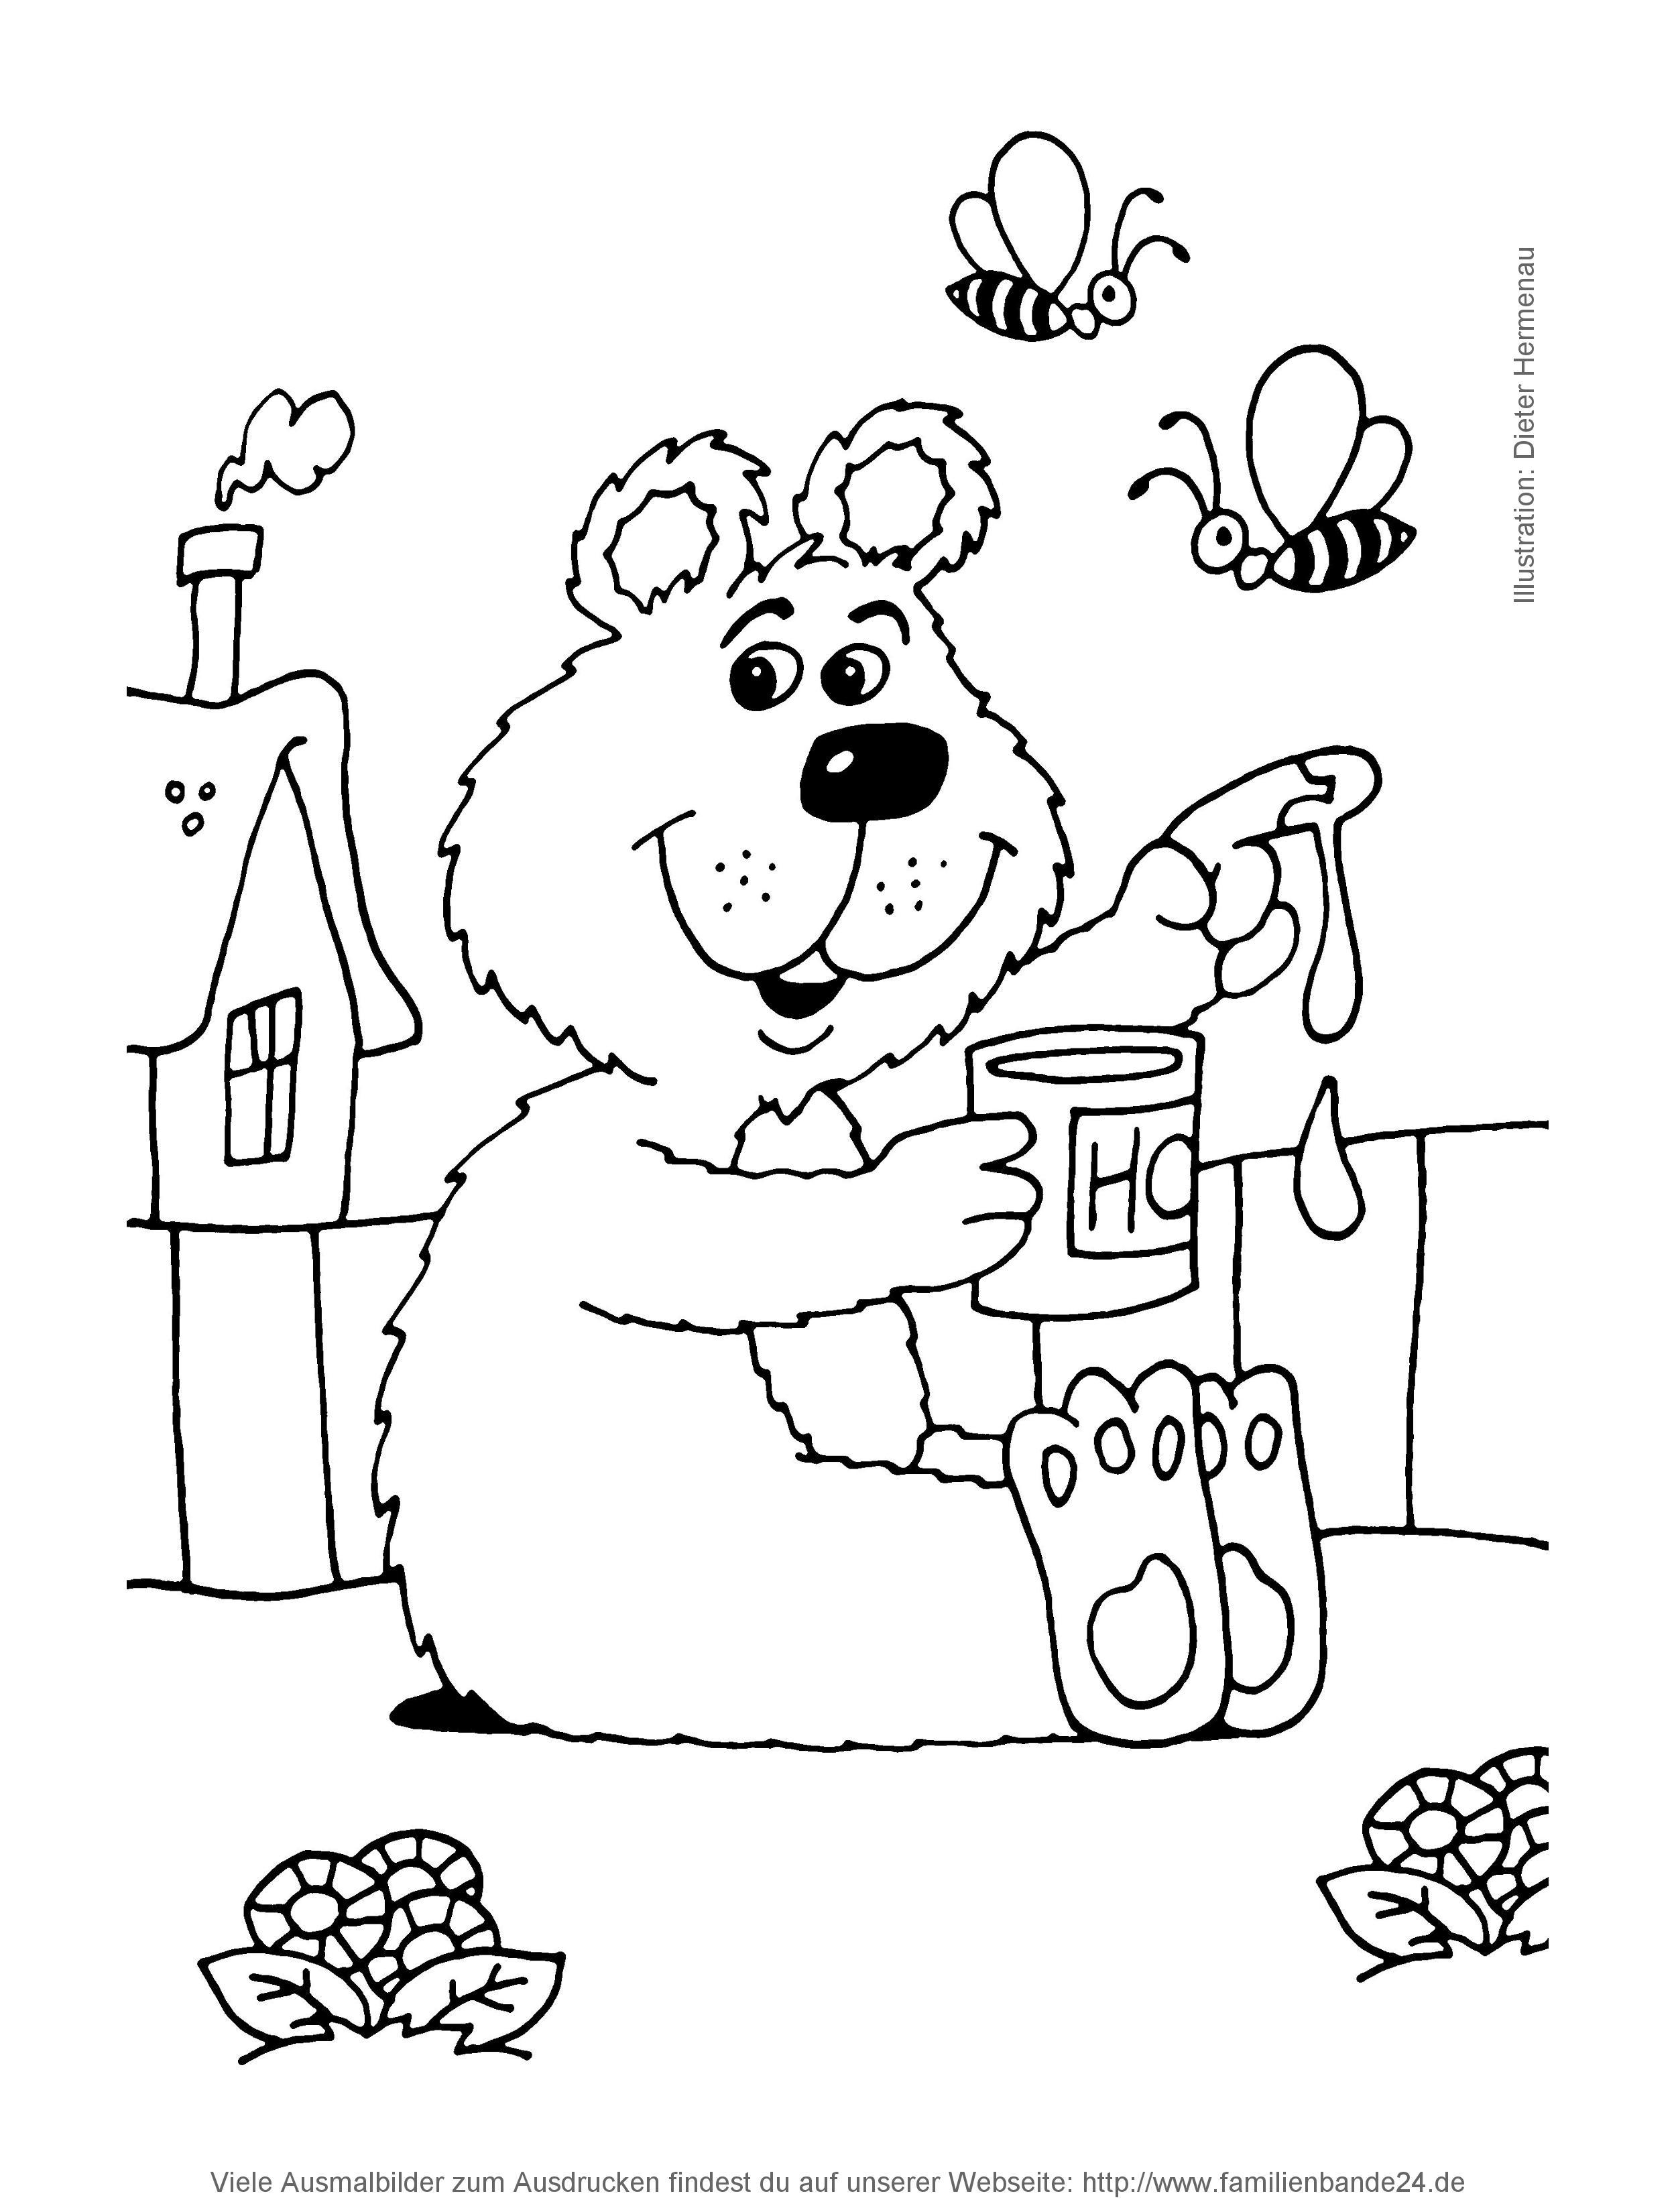 Nichts auf der Welt isst er lieber als se goldene und zähflüssige Süßigkeit Einziges Problem neben klebringen Fingern sind Bienen